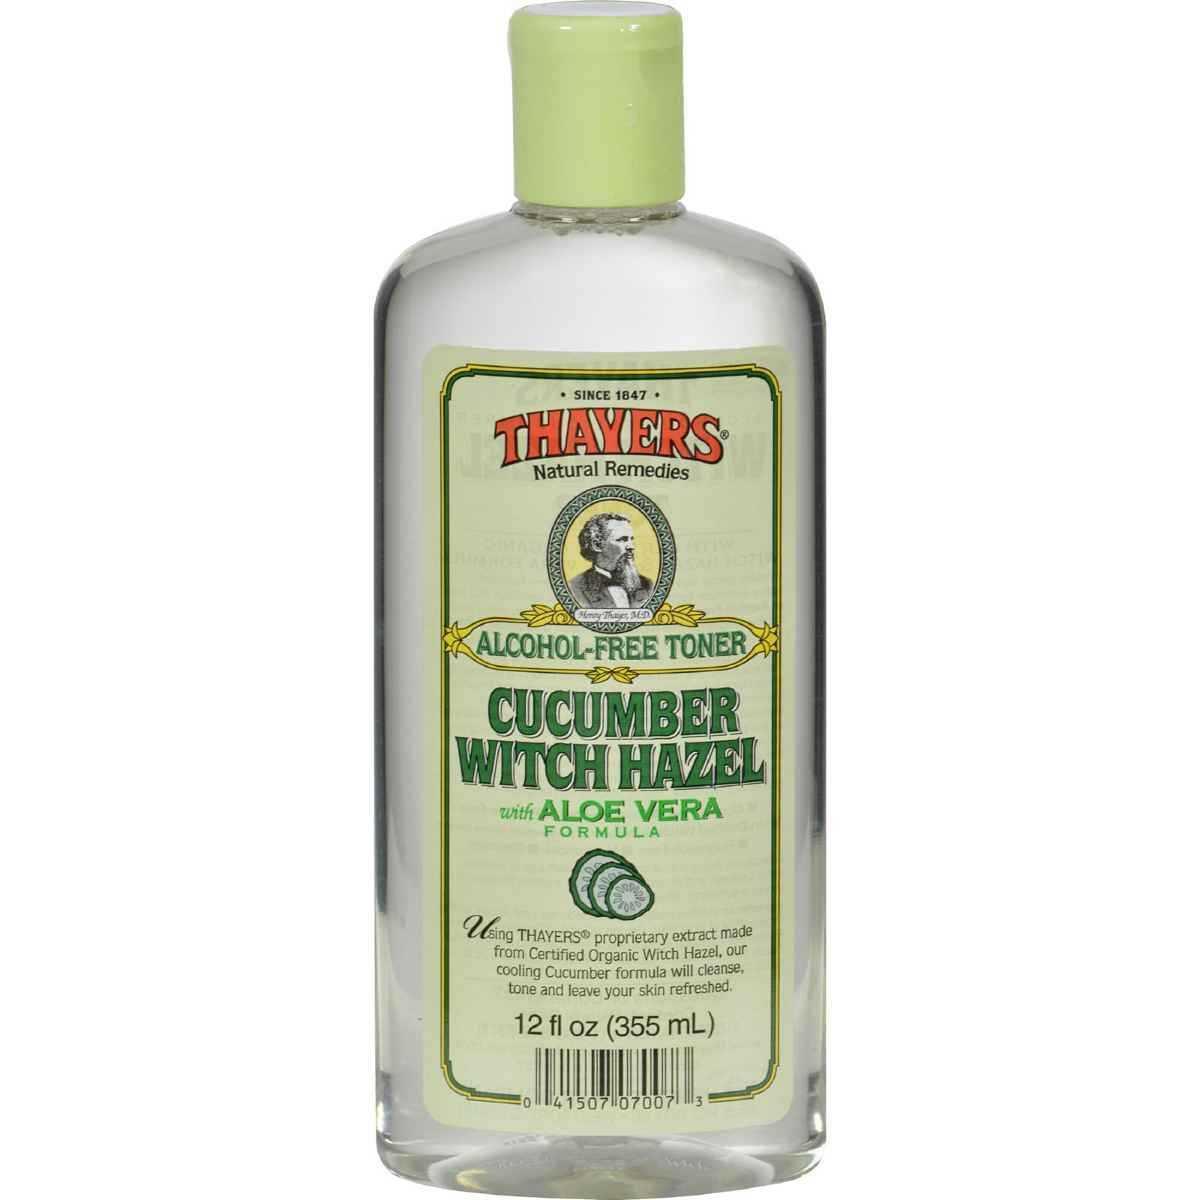 Thayers Witch Hazel with Aloe Vera Cucumber - 12 fl oz